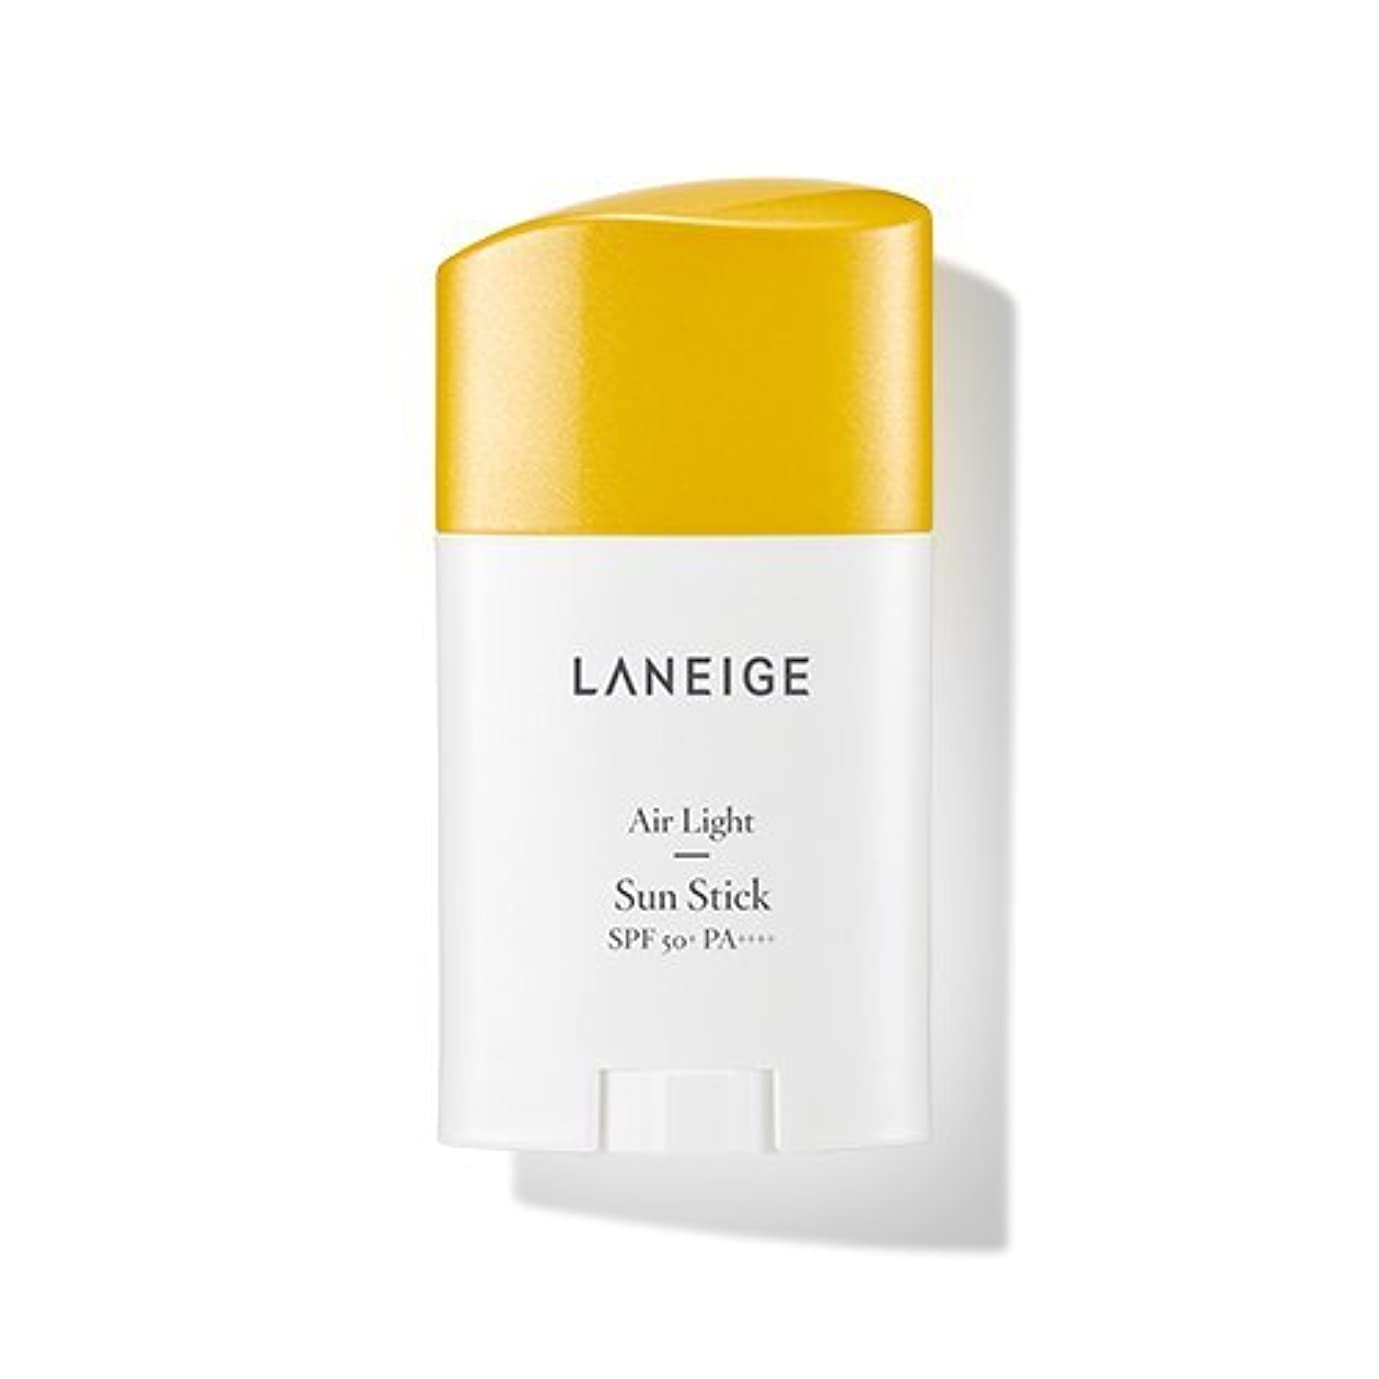 アッパー狭い確かめるラネージュ(LANEIGE) エアライト?サンスティック Air Light Sun Stick SPF50 PA+++ 26g